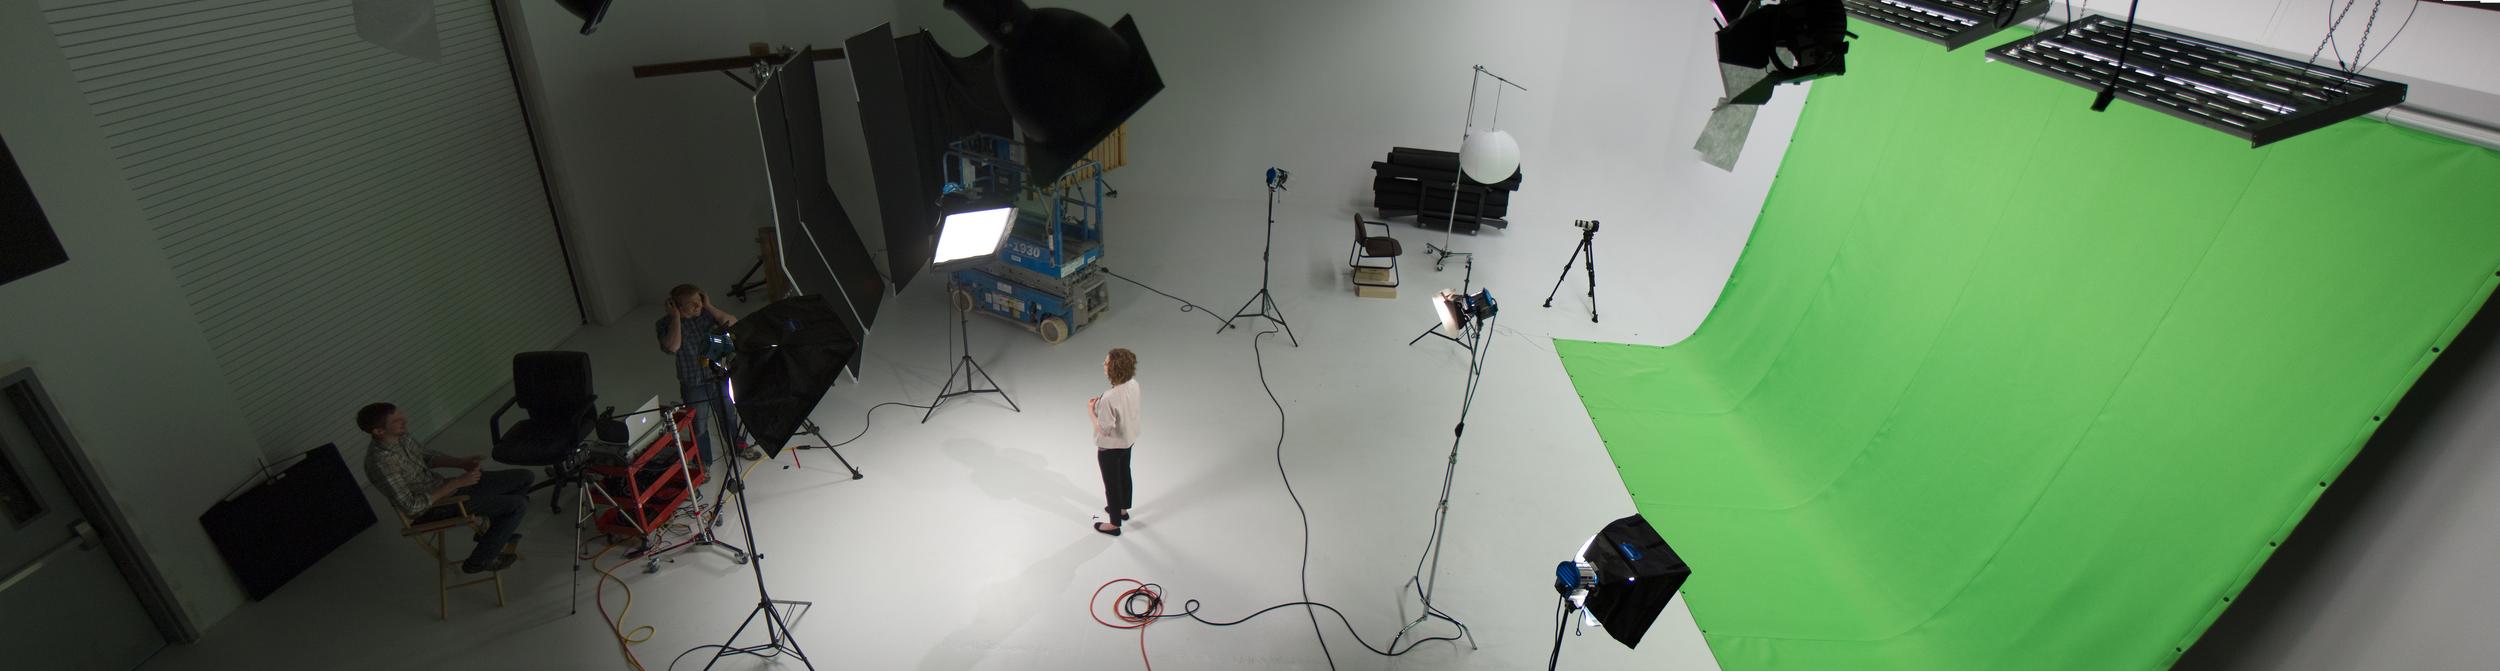 Studio Panorama-1.jpg